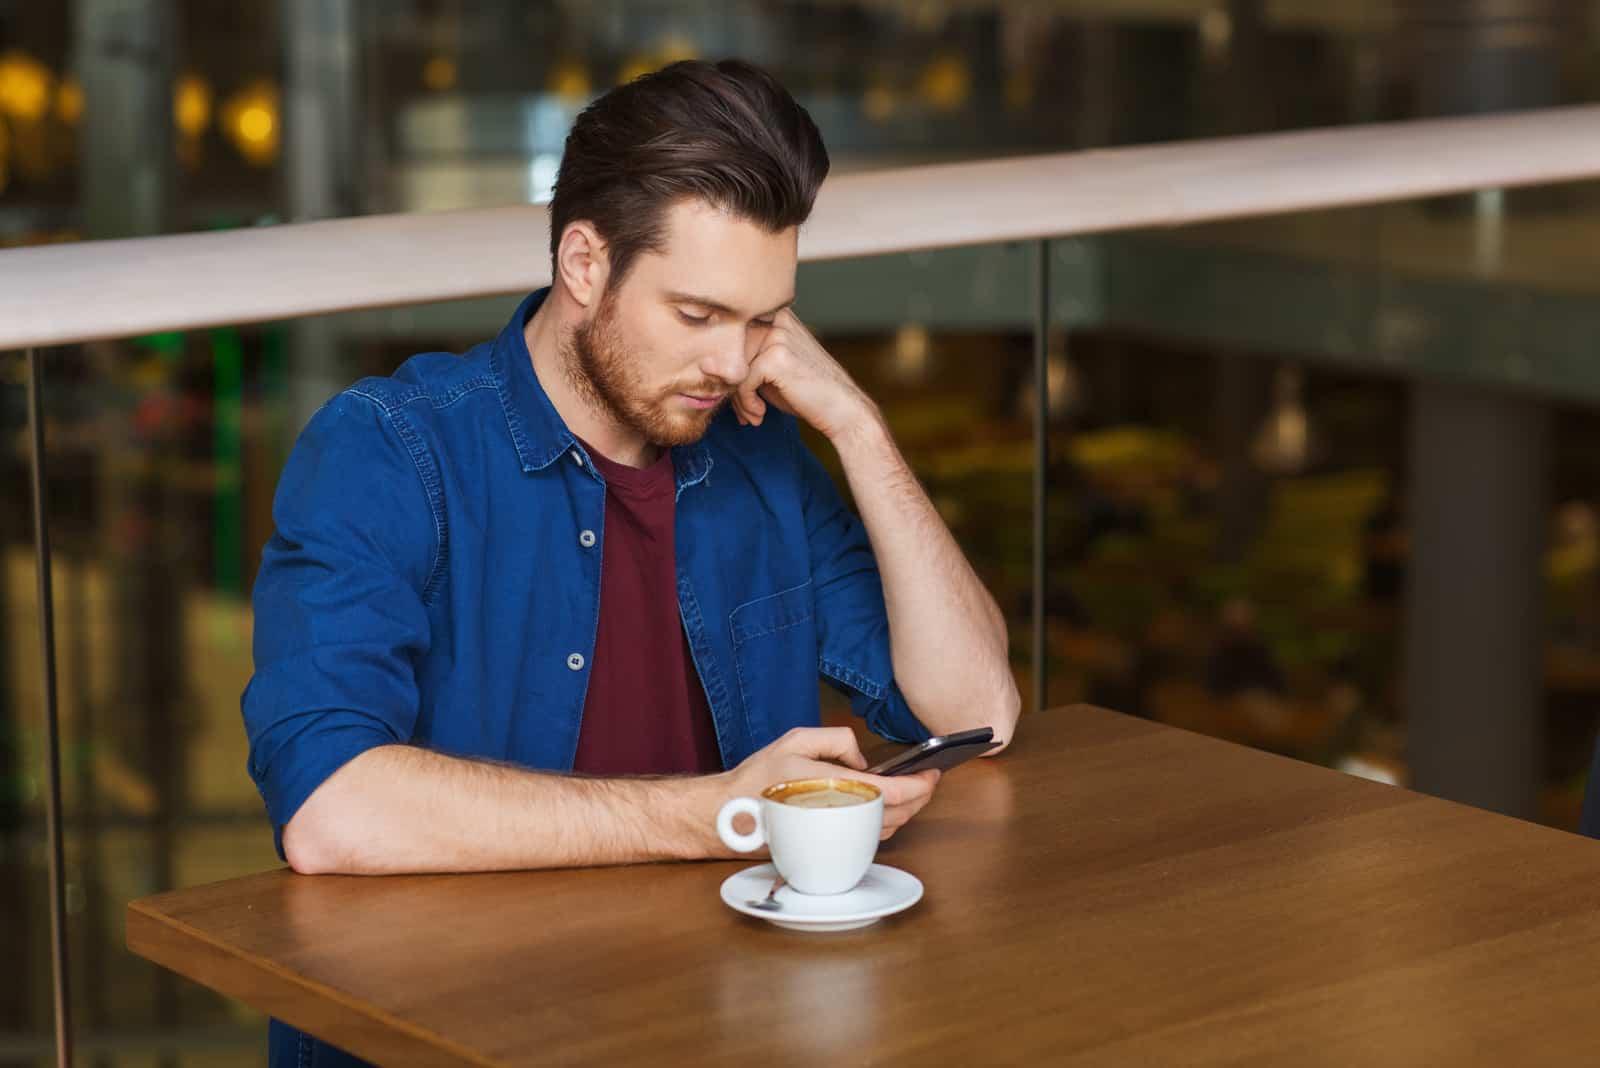 un homme imaginaire est assis dans un café et tient un téléphone à la main